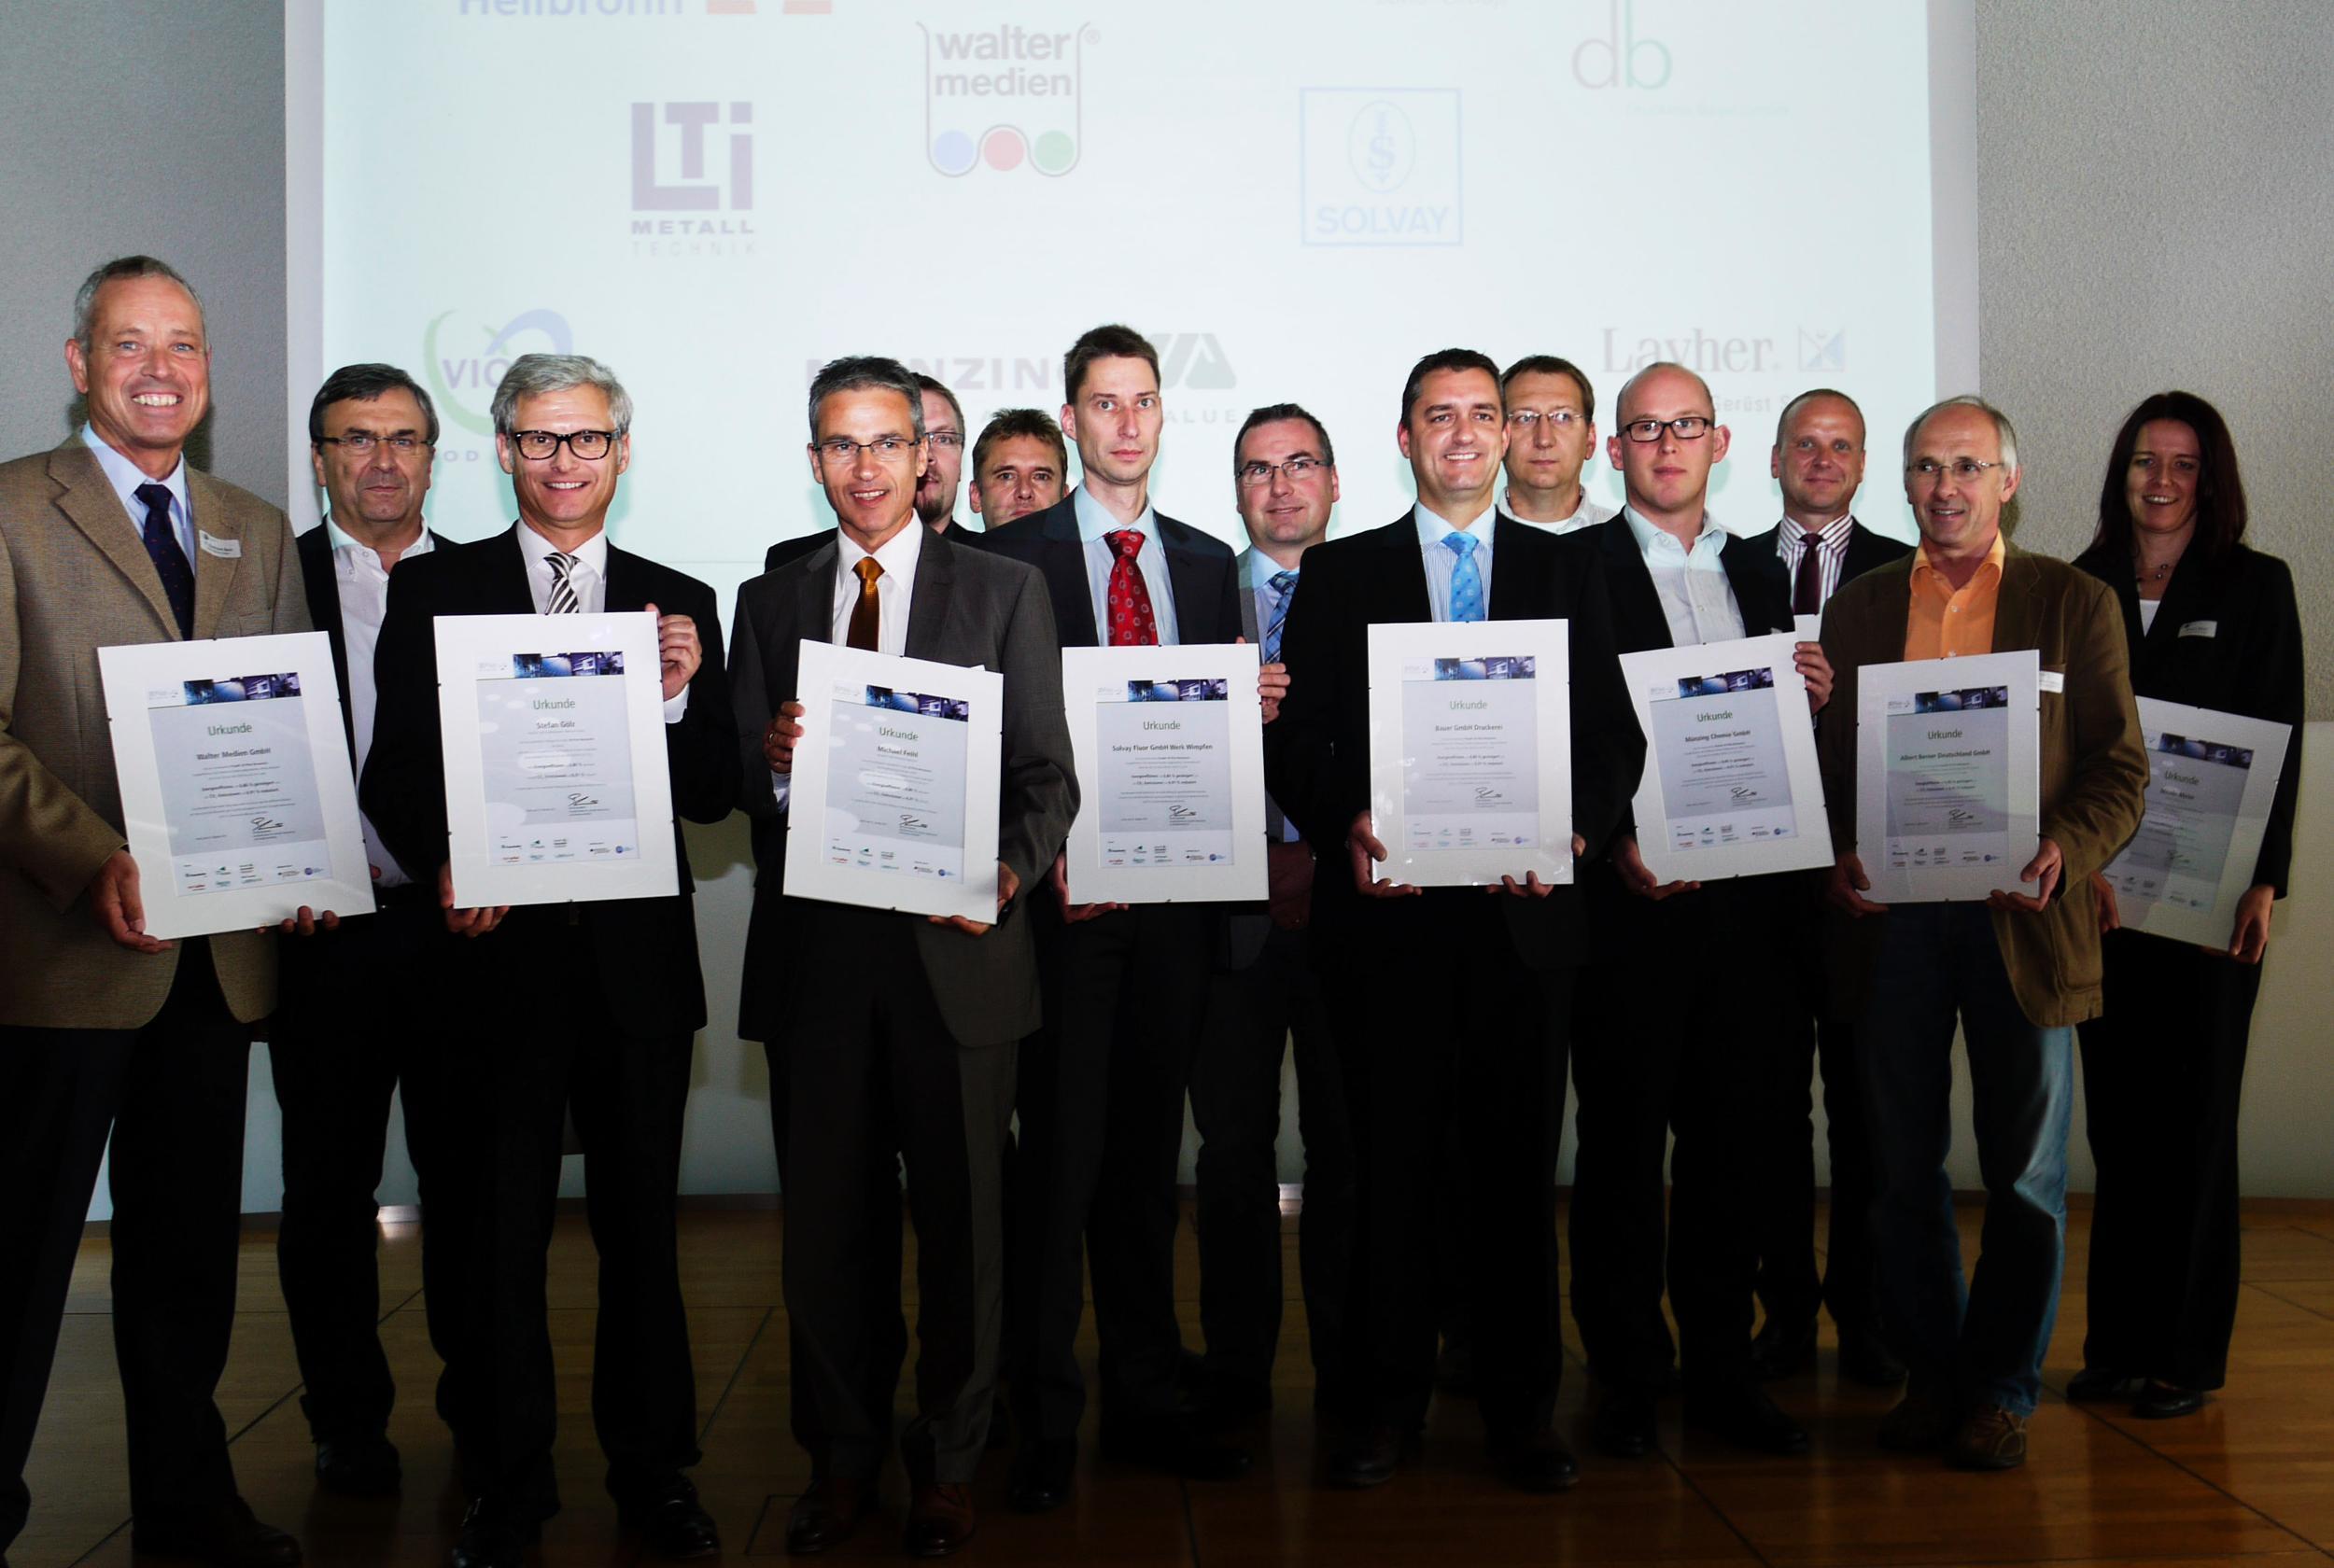 Zwölf Unternehmen aus der Region wurden von Bundesumweltminister Peter Altmaier für erfolgreiche Netzwerkarbeit im Rahmen des EnergieEffizienz-Tisches Heilbronn-Franken geehrt, Quelle: IHK Heilbronn-Franken